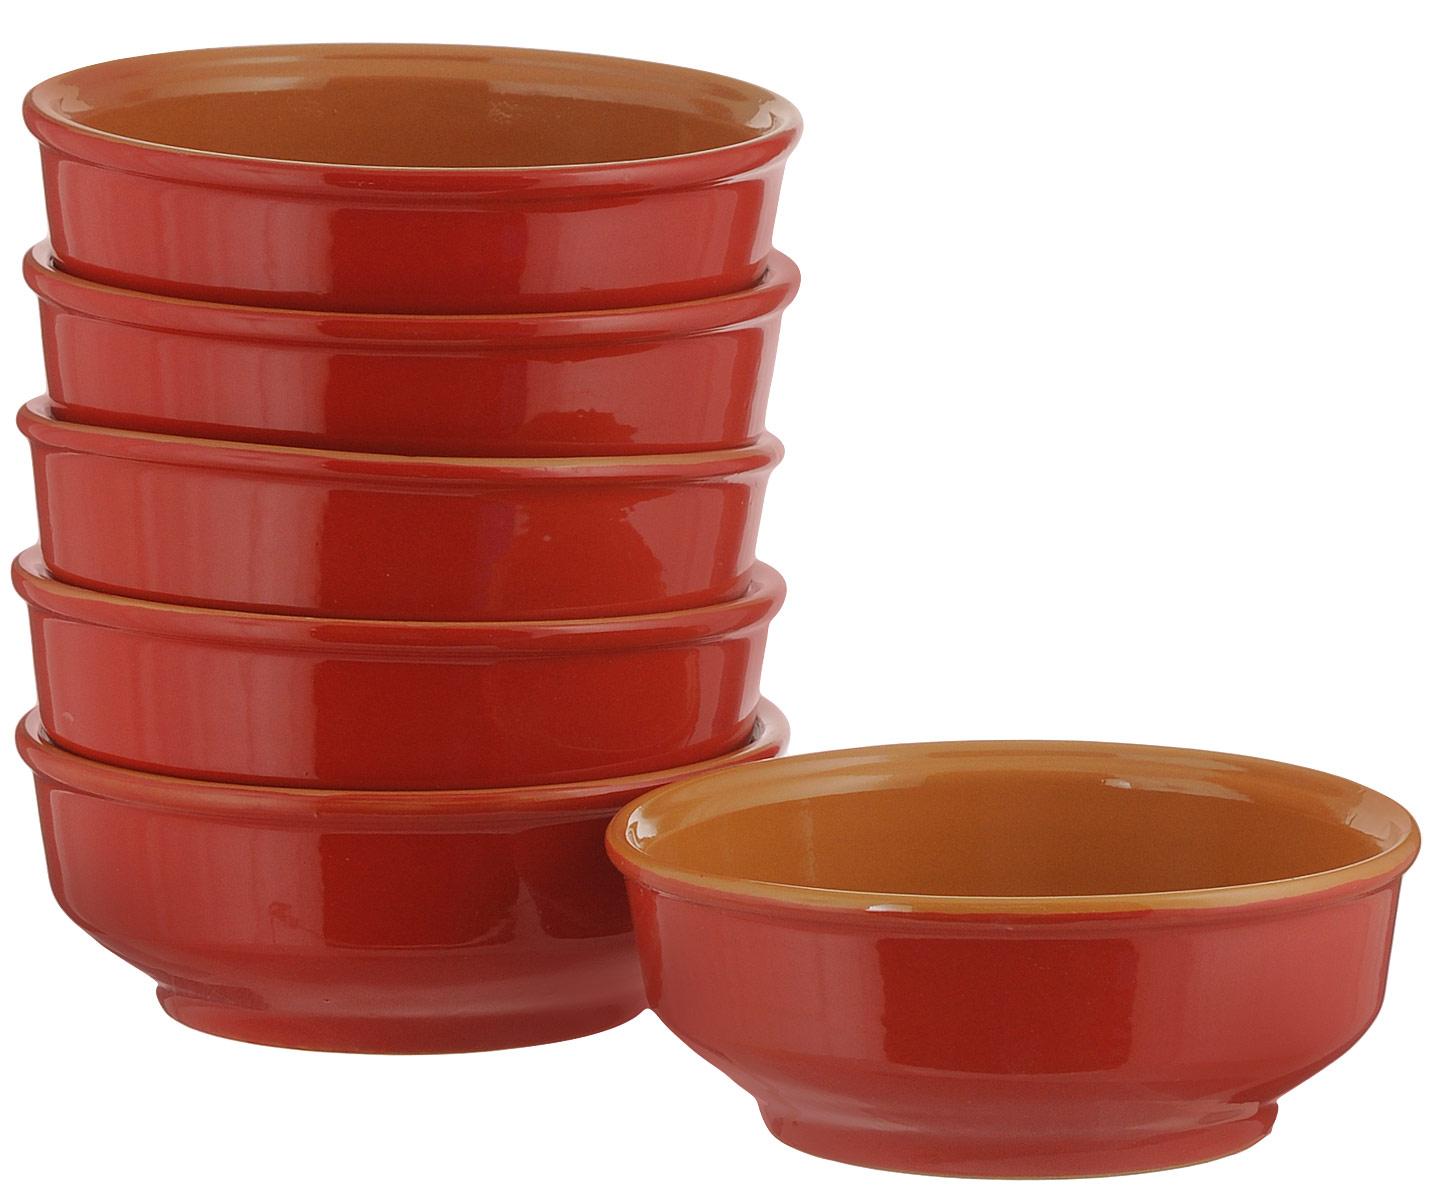 Миска Борисовская керамика Красный, цвет: красный, оранжевый, 500 мл, 6 штКРС14456756За основу создания изделия была взята форма посуды из музея славянской древности. Удобная миска для сервировки стола, подачи блюд и запекания в духовке. Порционный объем 0,5 литра. Миски можно ставить одна в одну. Один из самых лучших вариантов для подачи первых блюд.